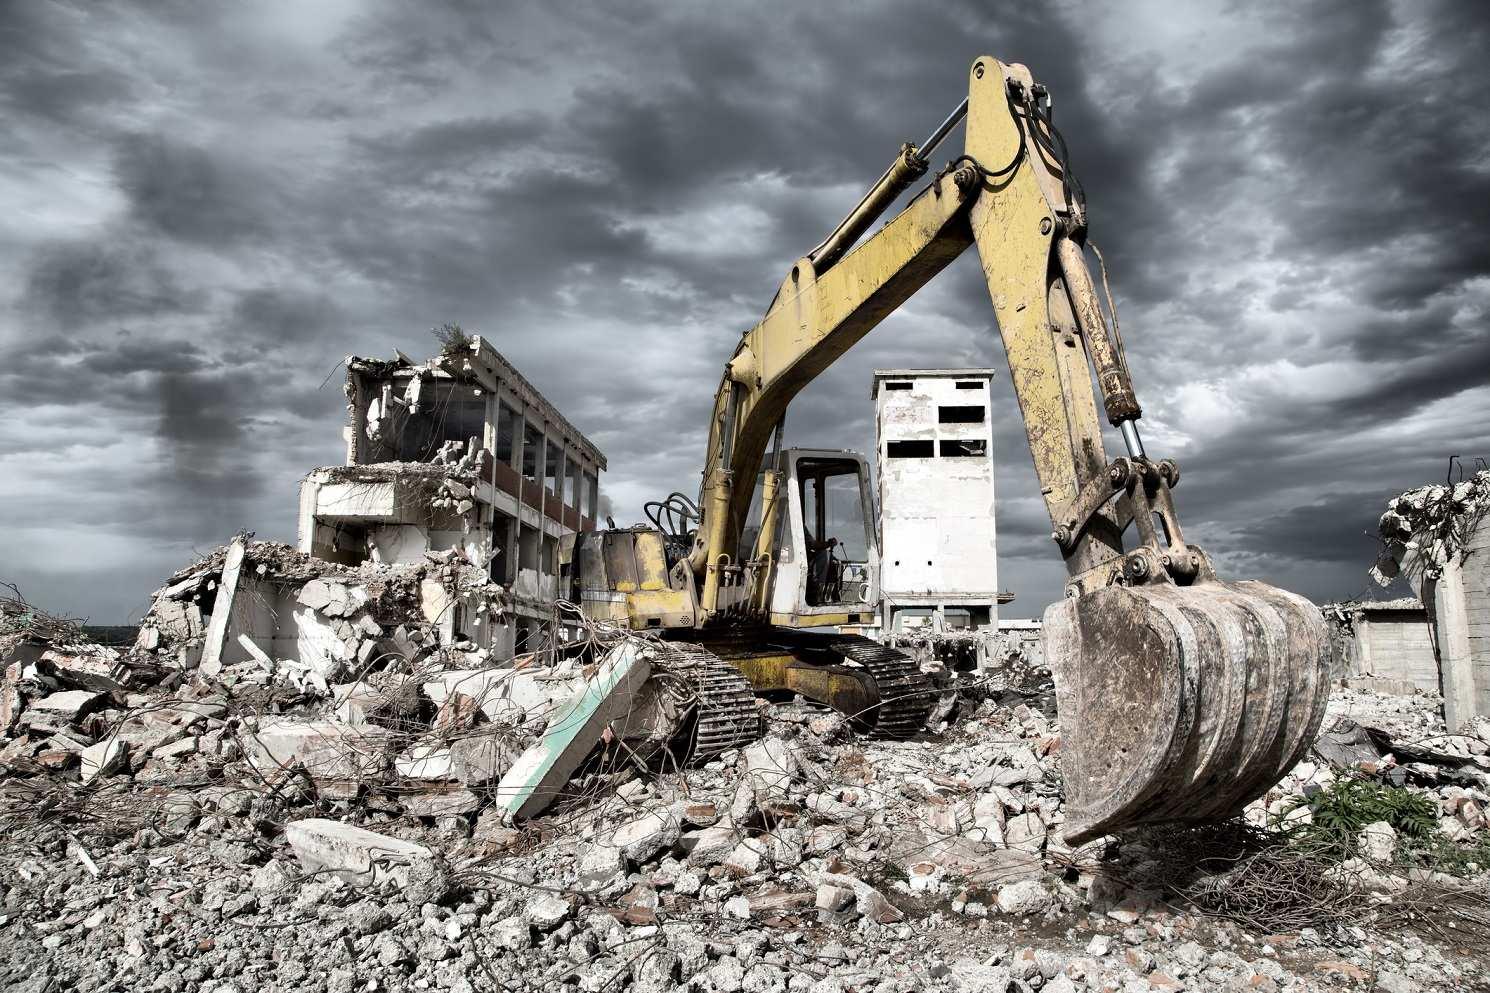 Как выполнить демонтаж зданий быстро и не возиться потом с отходами